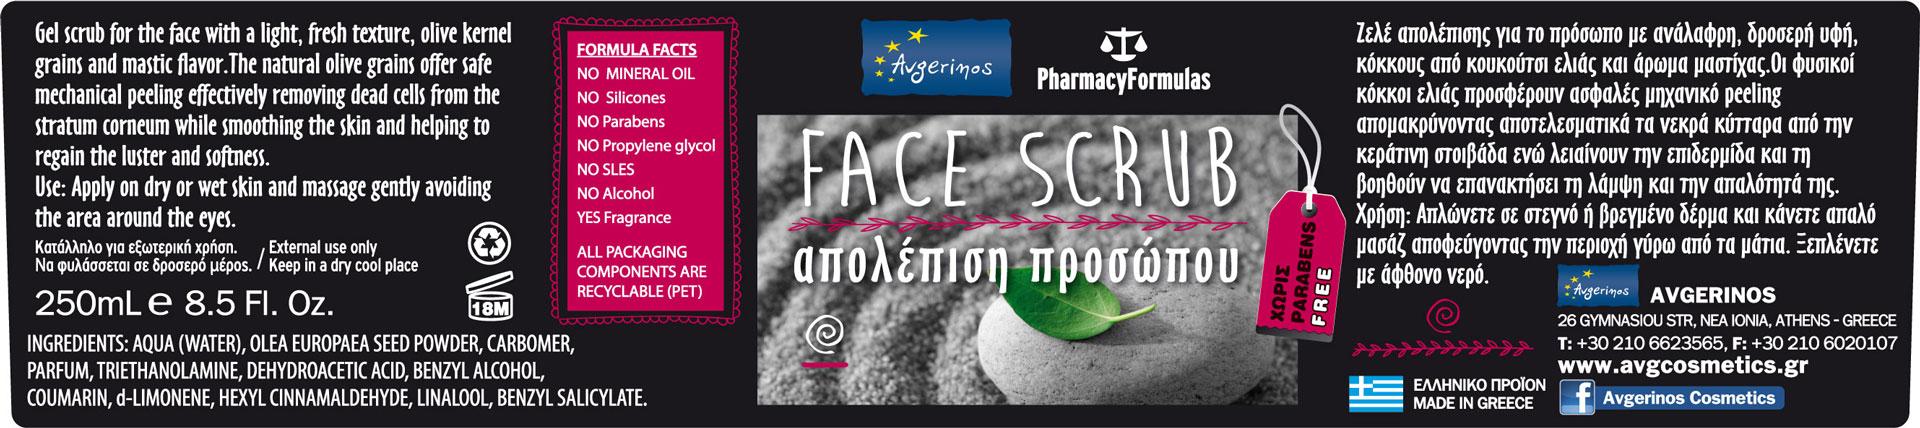 Multistick Ετικέτες Καλλυντικών Face Scrub